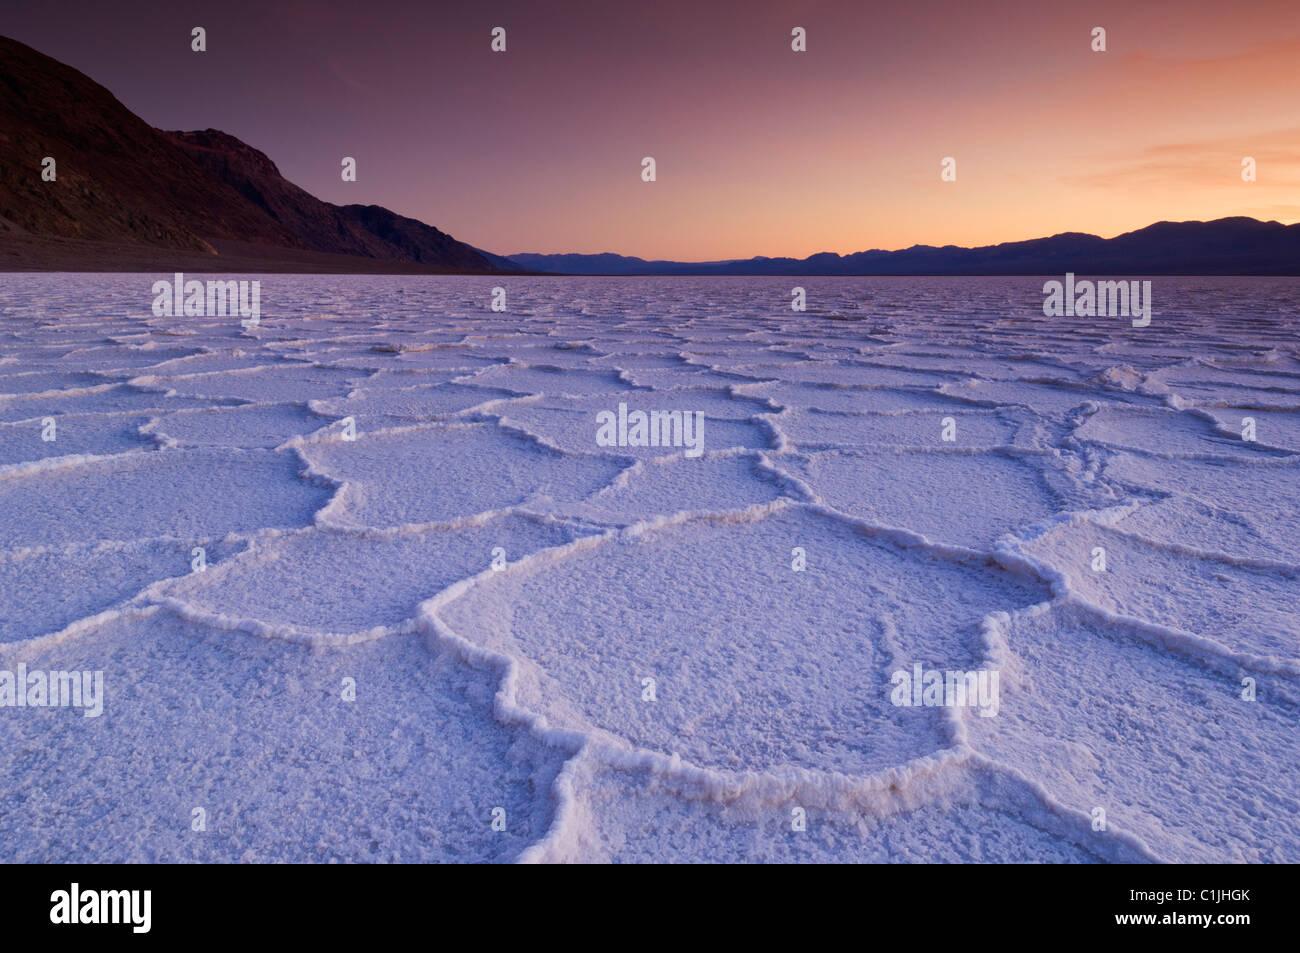 Salina poligoni al tramonto Badwater Basin Parco Nazionale della Valle della Morte, CALIFORNIA, STATI UNITI D'AMERICA Immagini Stock